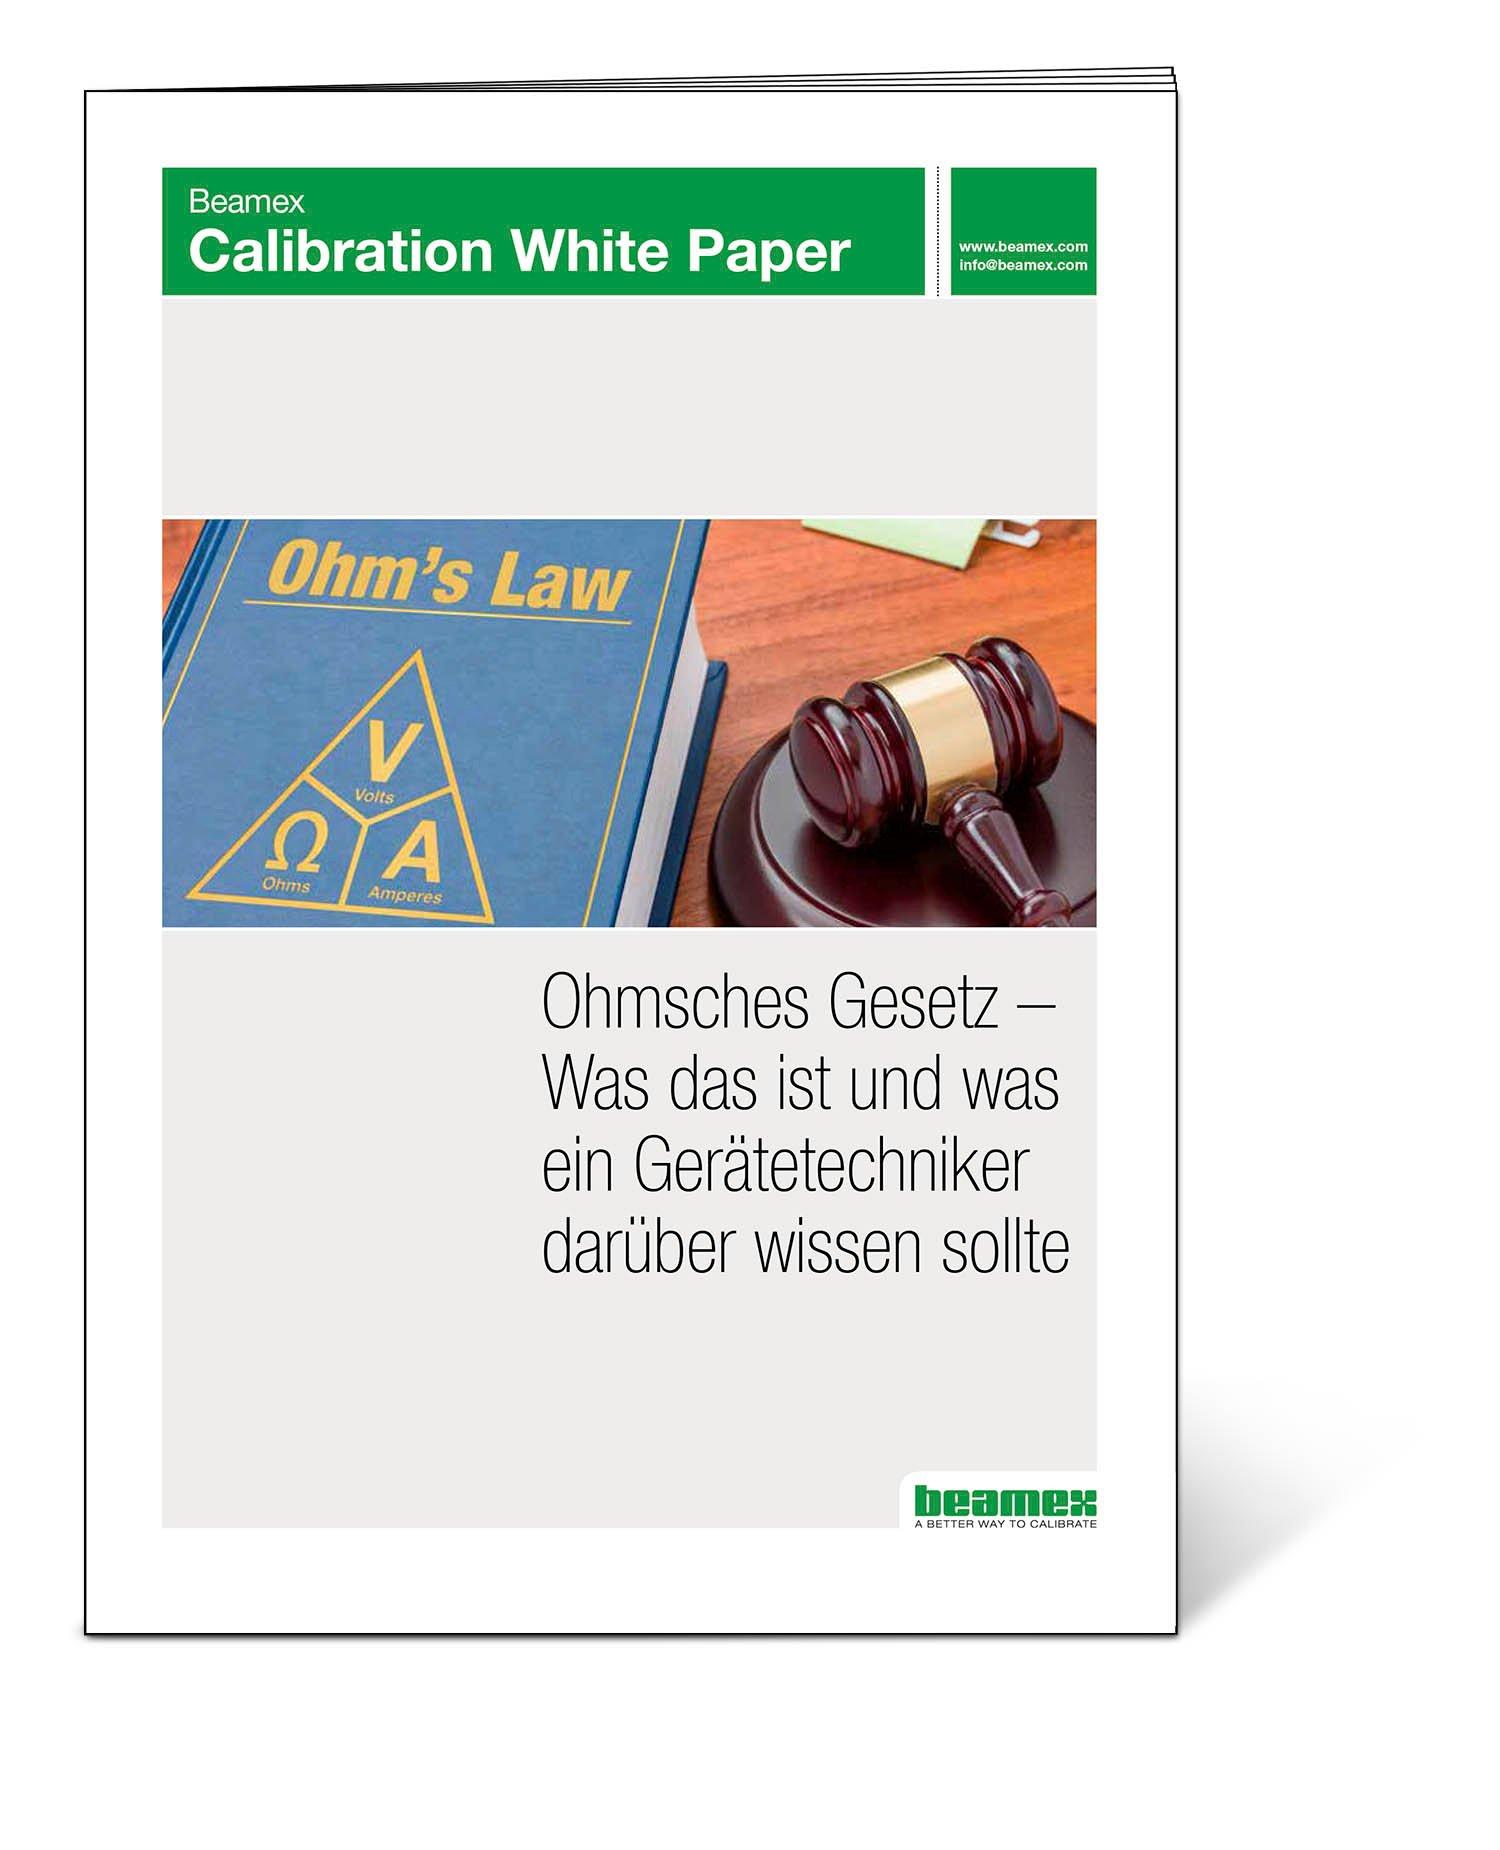 Beamex-White-Paper-Ohmsches-Gesetz-1500px-v2_GER